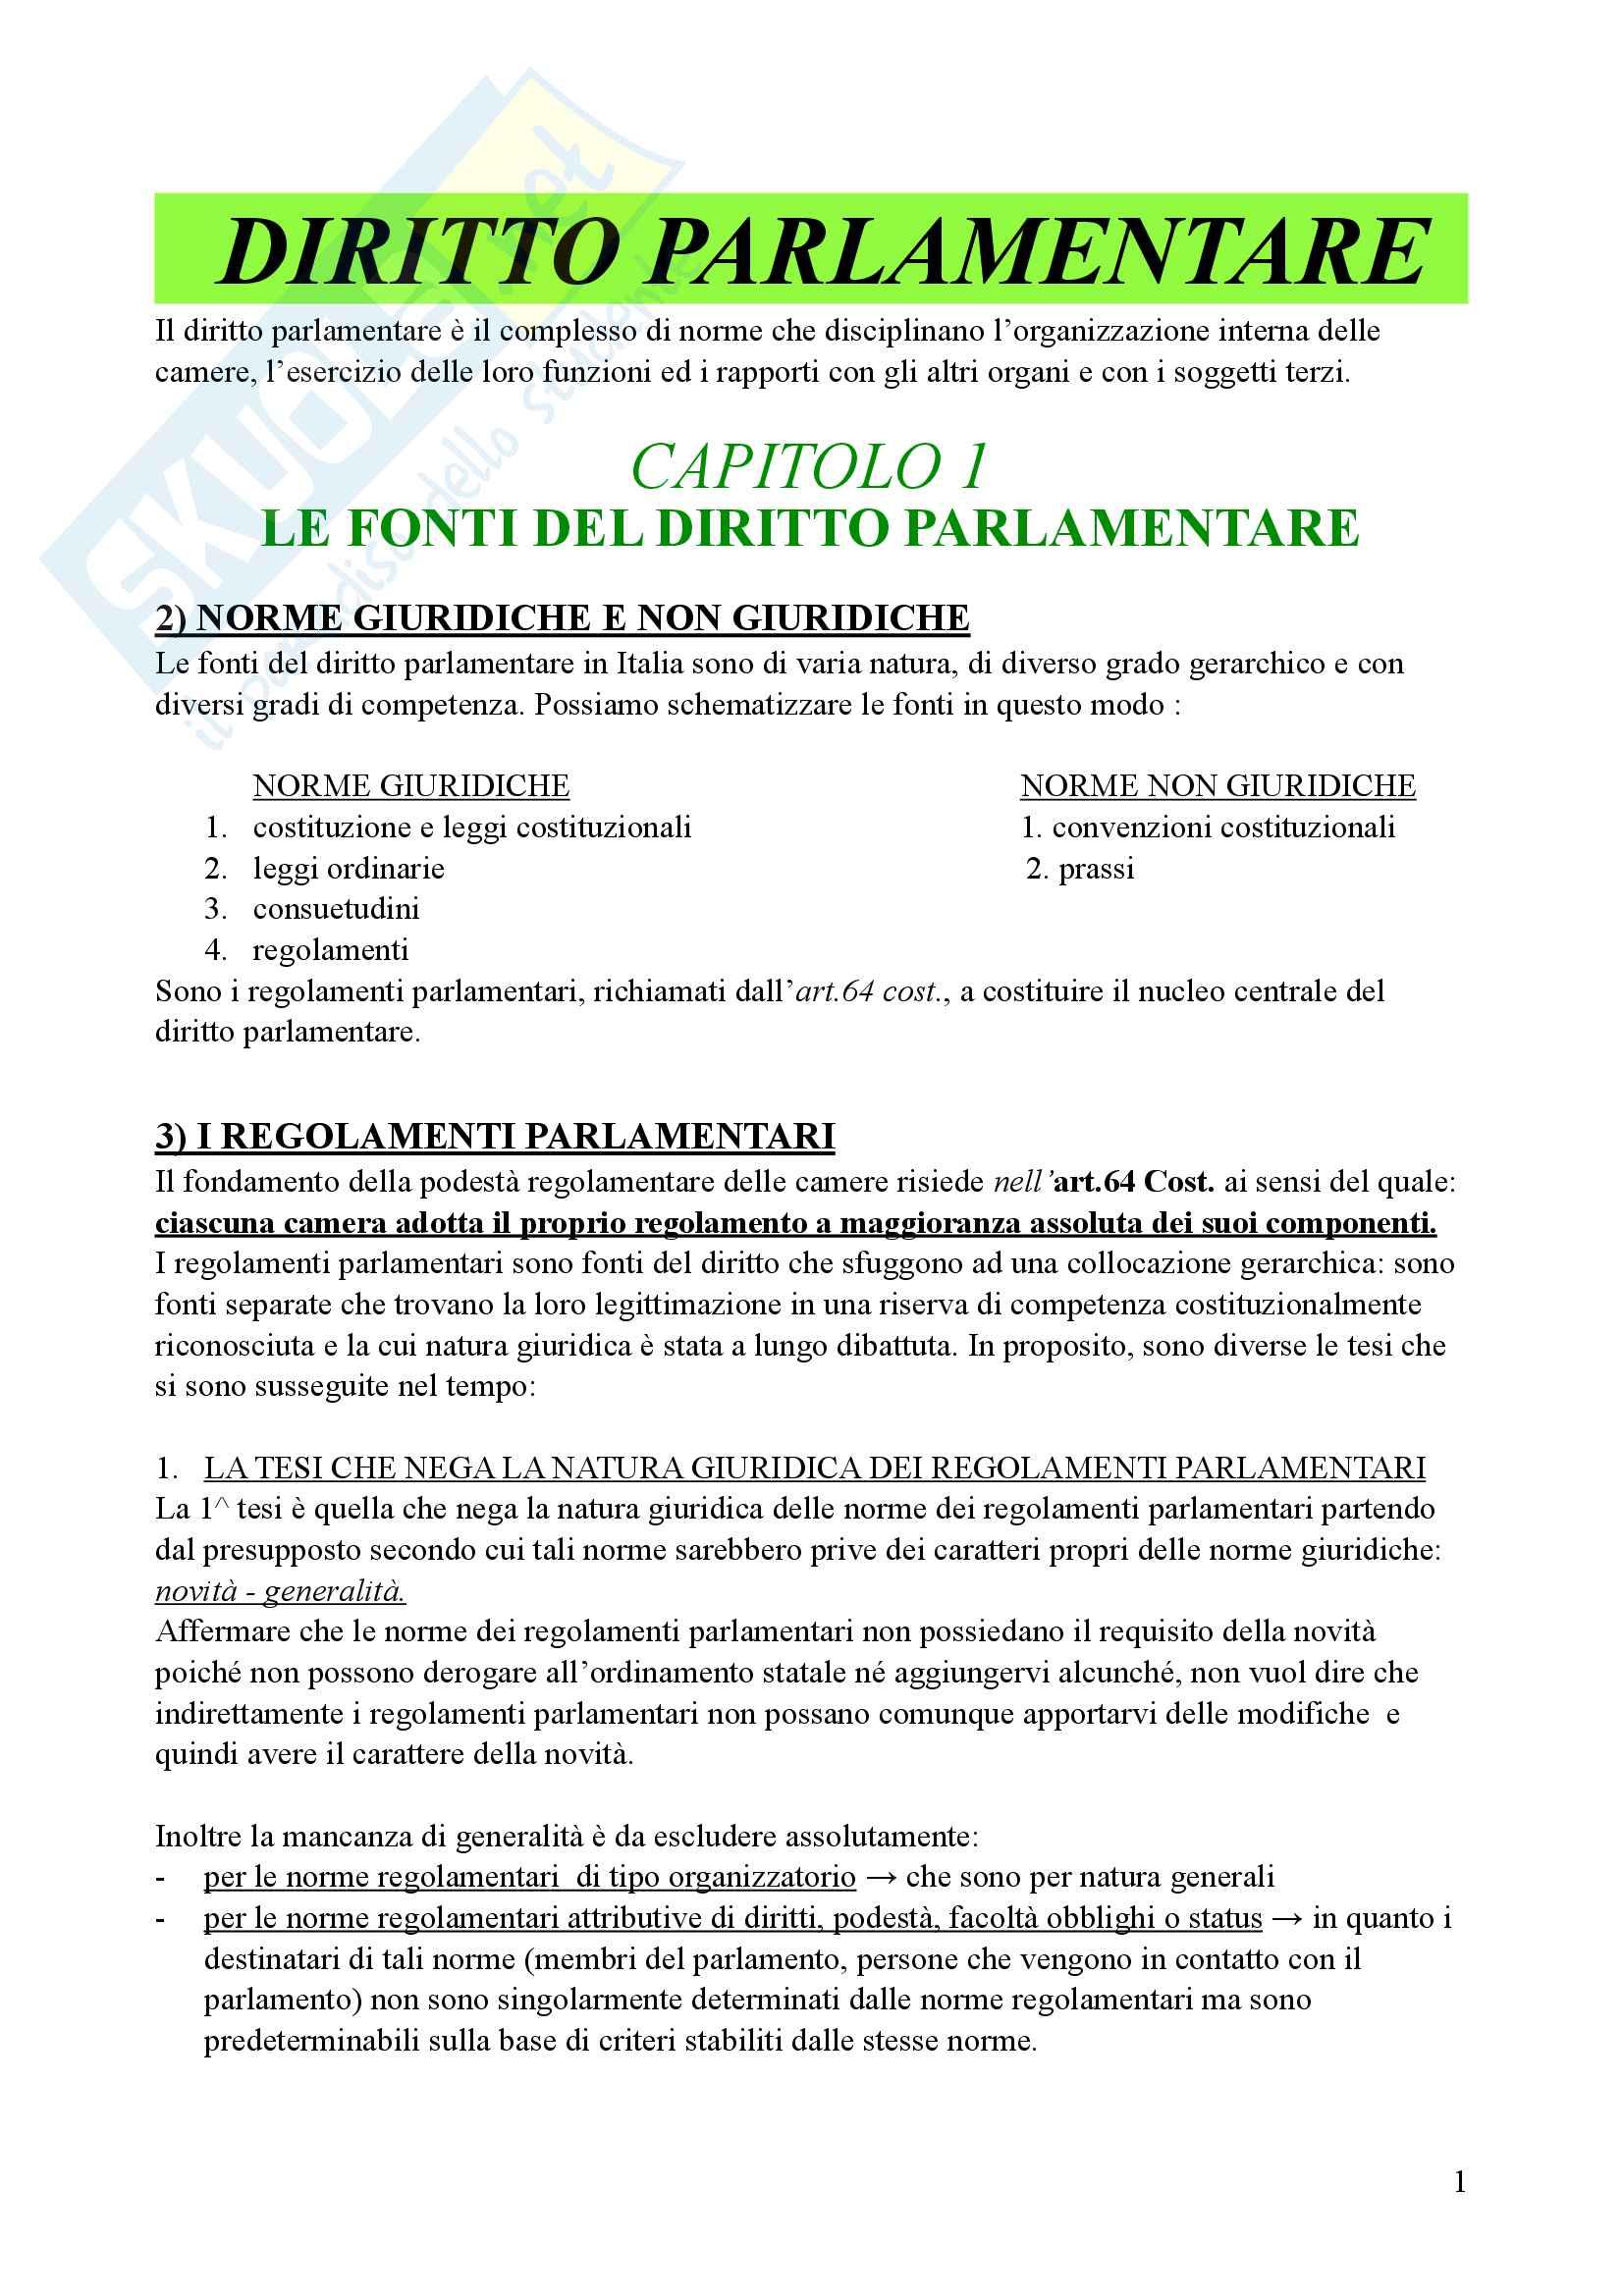 Riassunto esame Diritto parlamentare, Libro consigliato Cicconetti